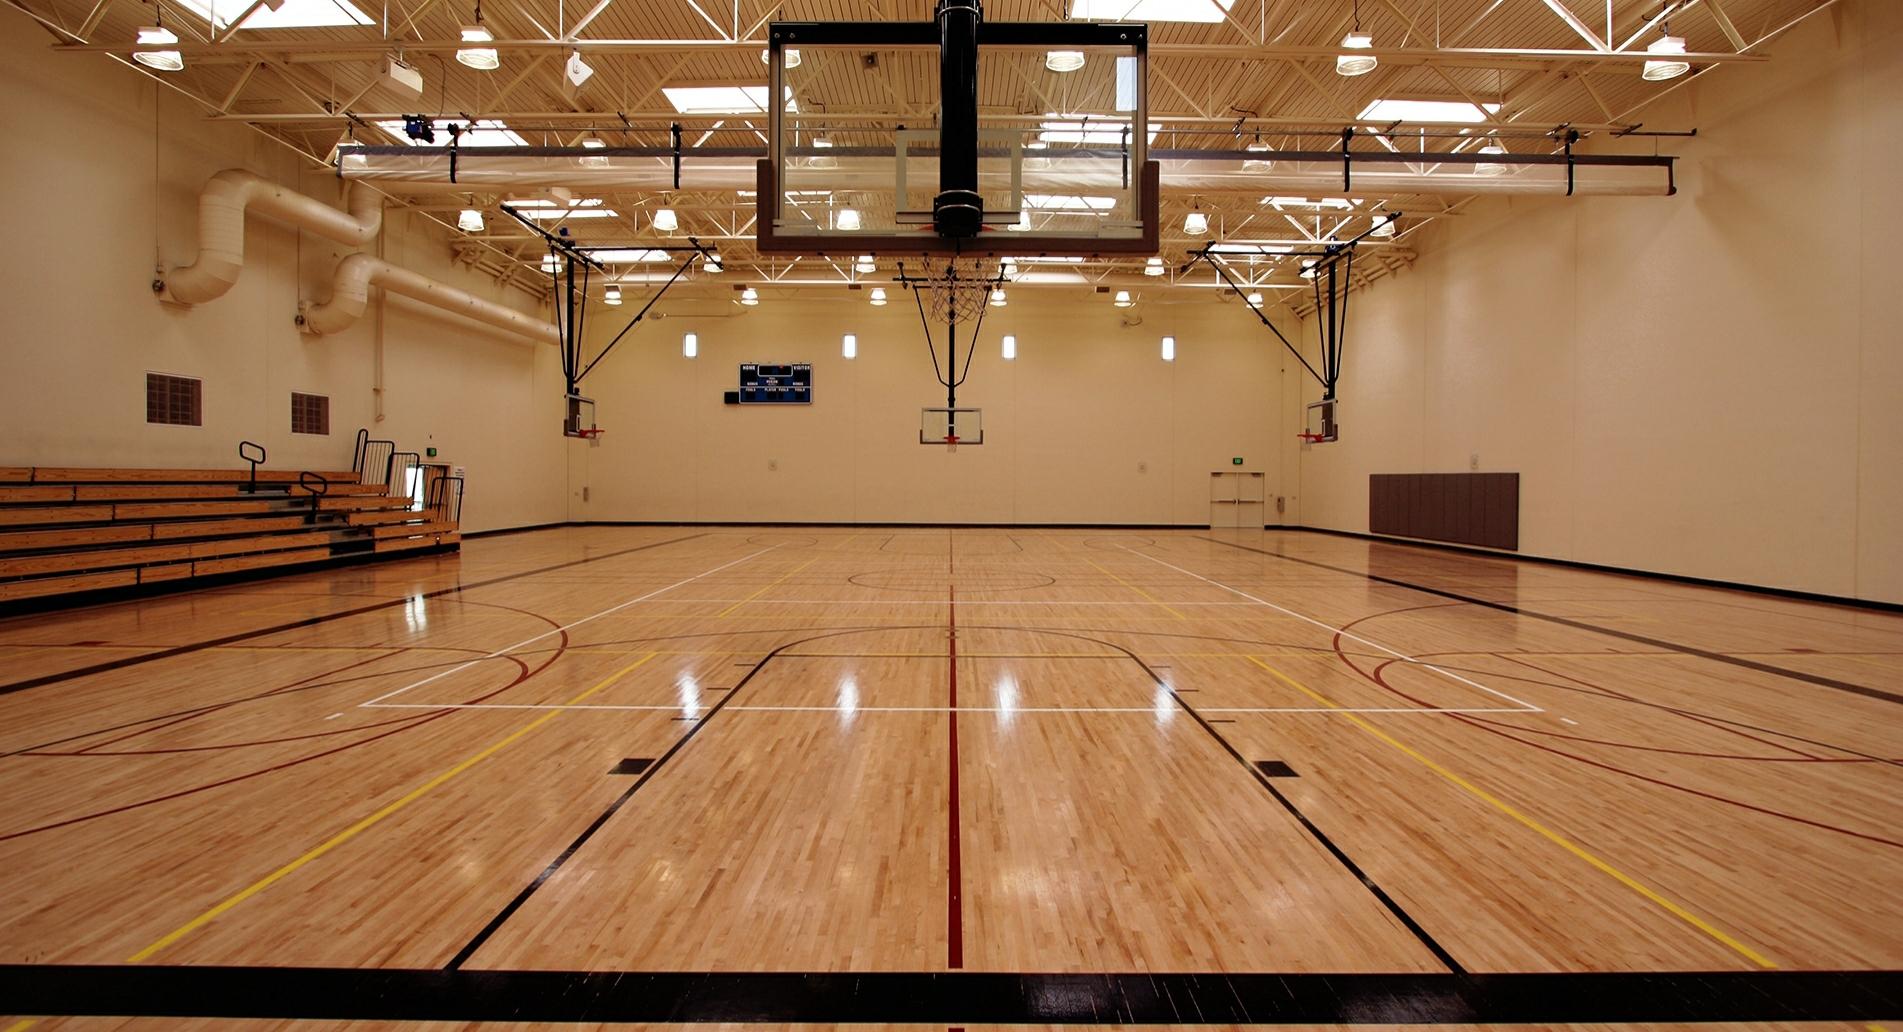 Squash Court Flooring Services